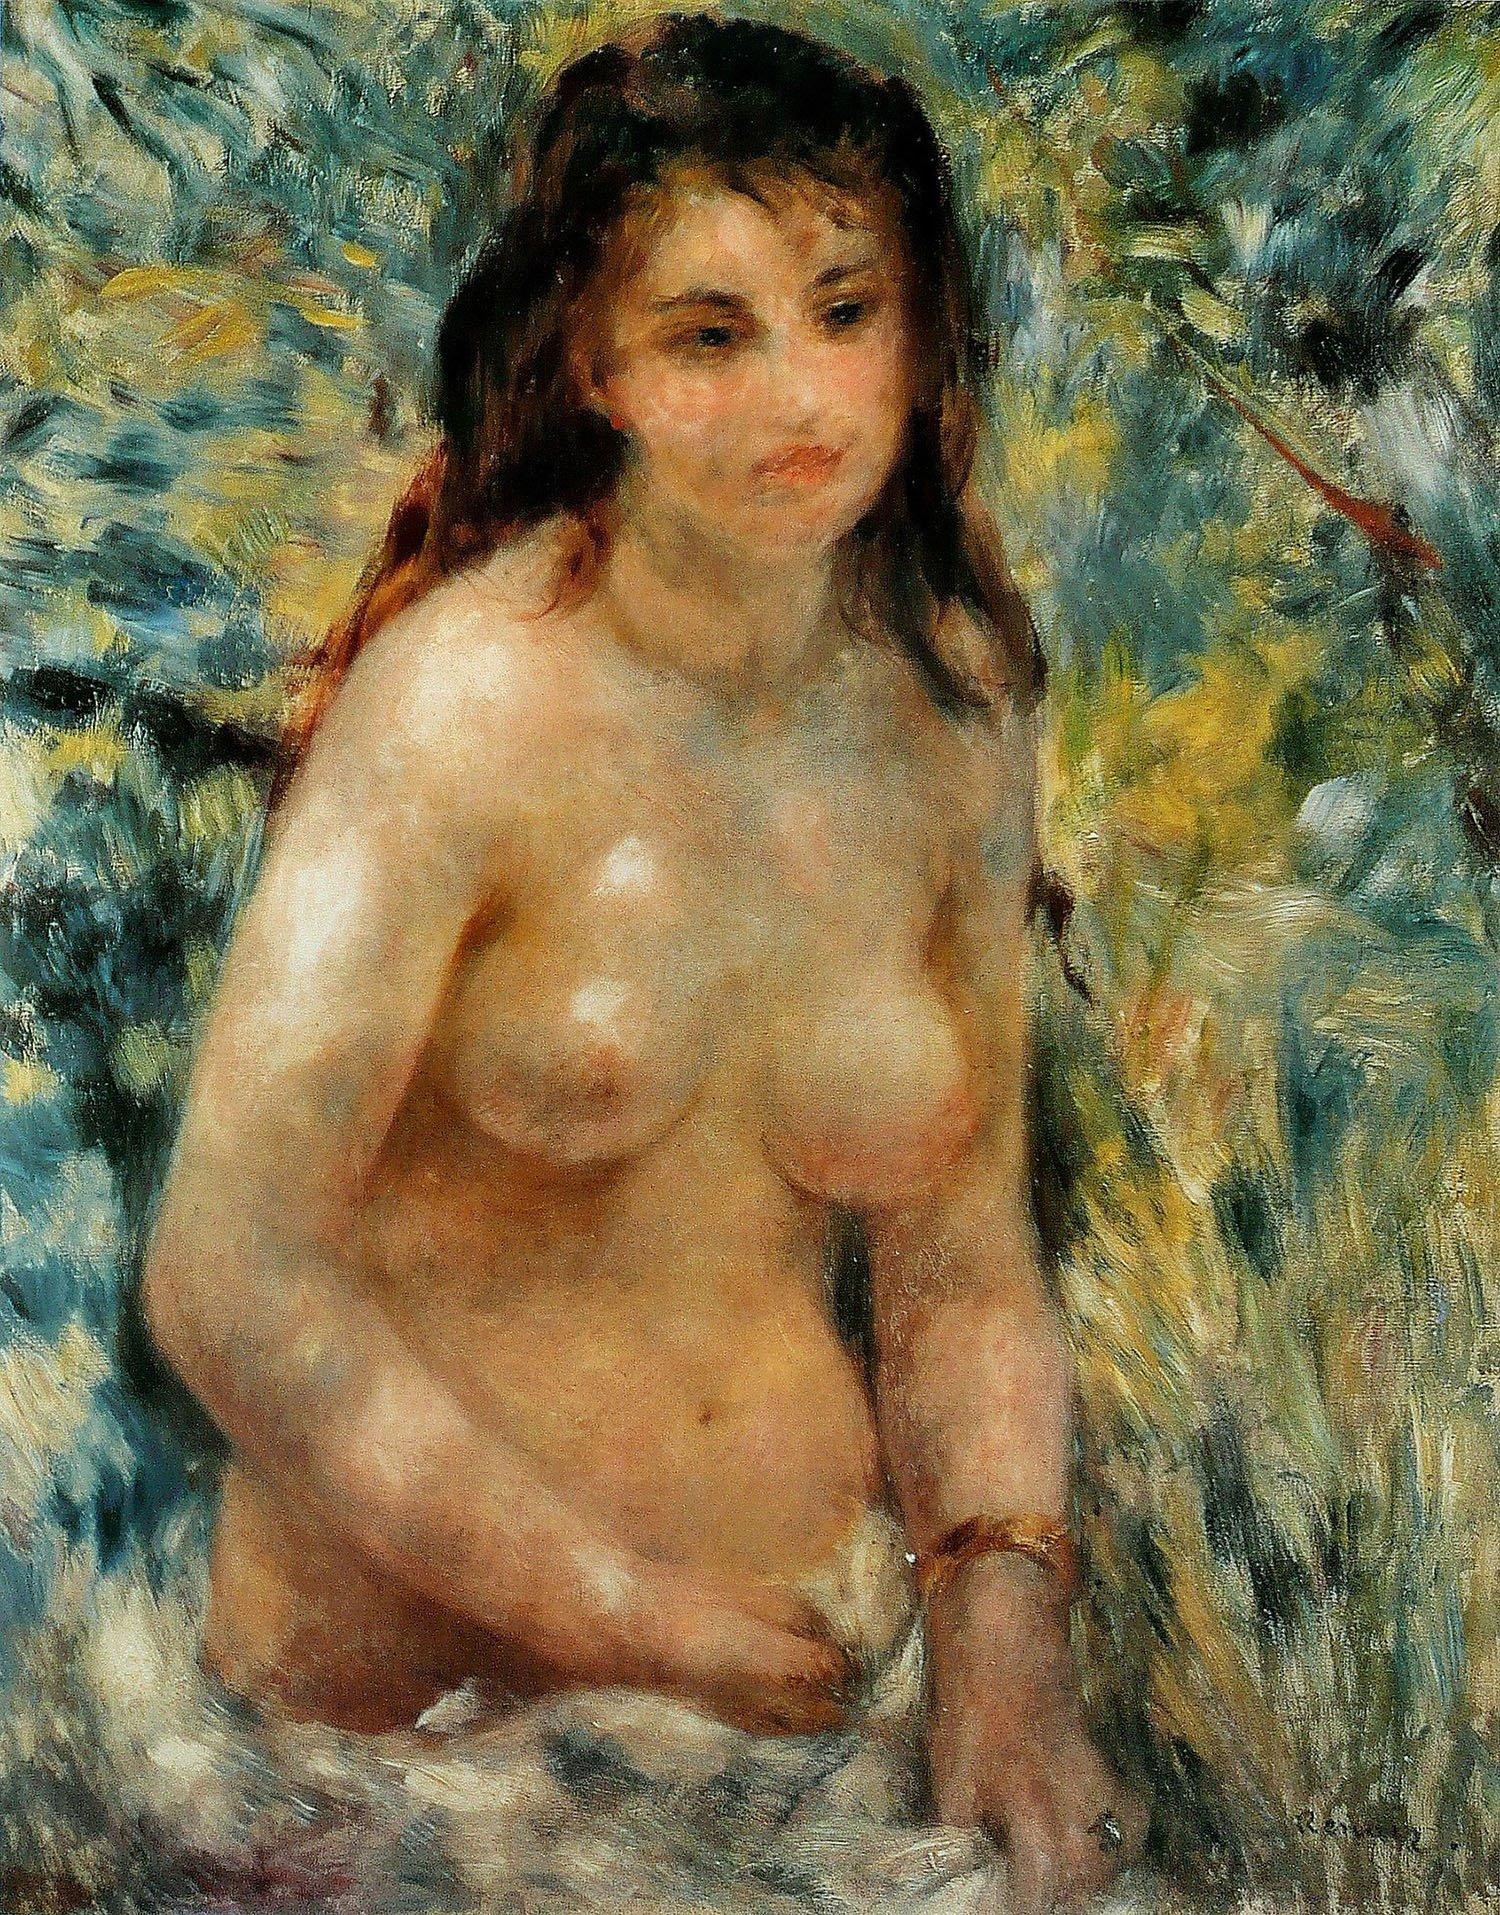 Nudo al sole,1876, Parigi, Museo d'Orsay